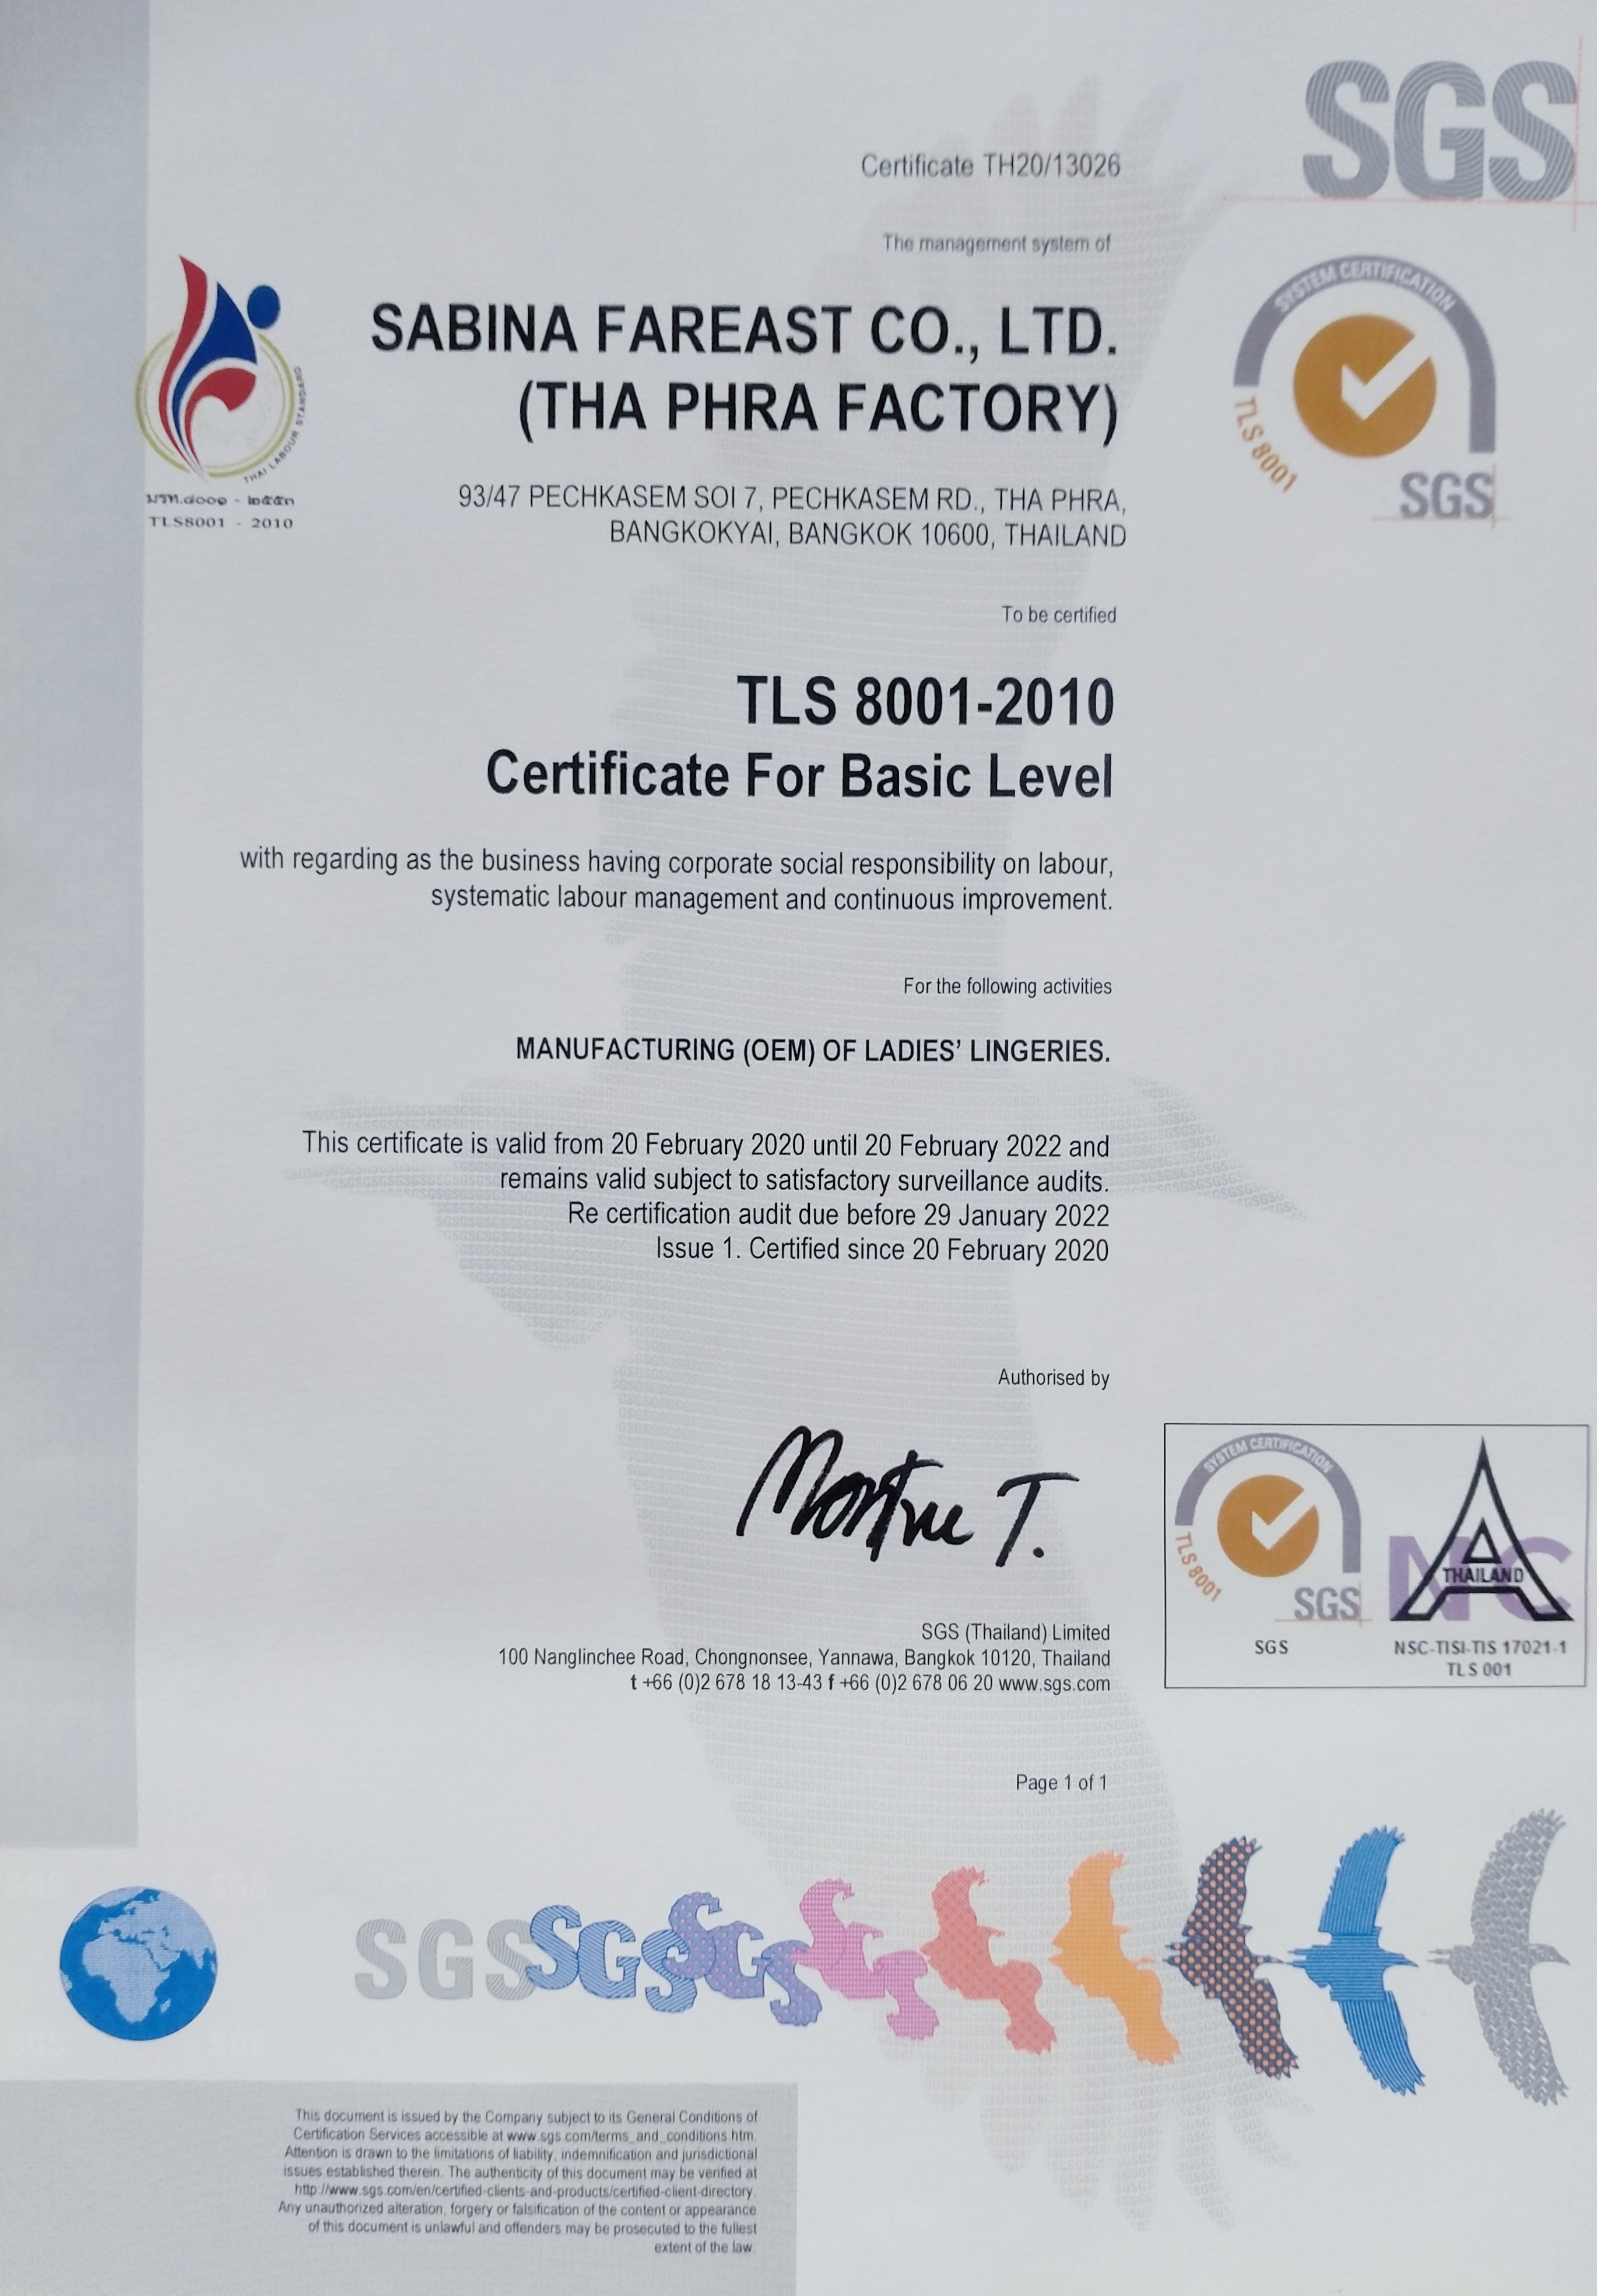 บริษัทซาบีน่า ฟาร์อีสท์ จำกัด โรงงานท่าพระ  ได้รับรองจากบริษัท เอสจีเอส (ประเทศไทย) จำกัดในเรื่องของ มาตรฐานแรงงานไทย ระดับพื้นฐาน